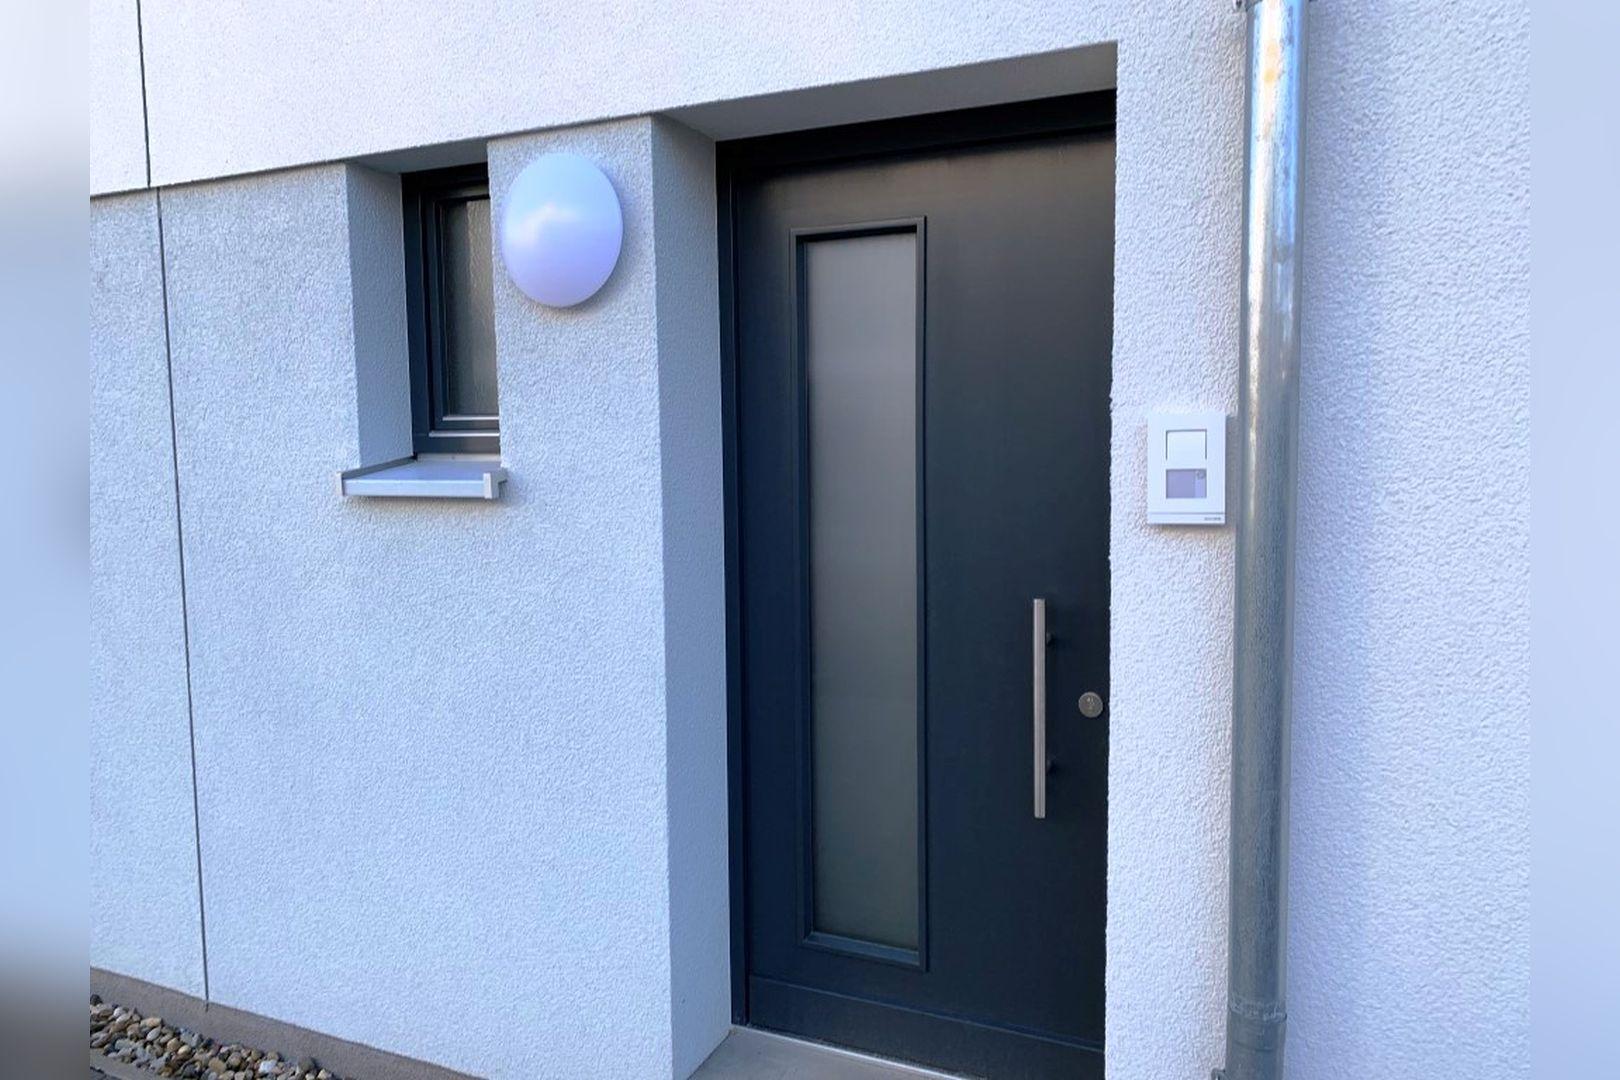 Immobilie Nr.0224 - Reihenendhaus mit kl. Garten u. 2 TG-Plätzen - Bild 16.jpg